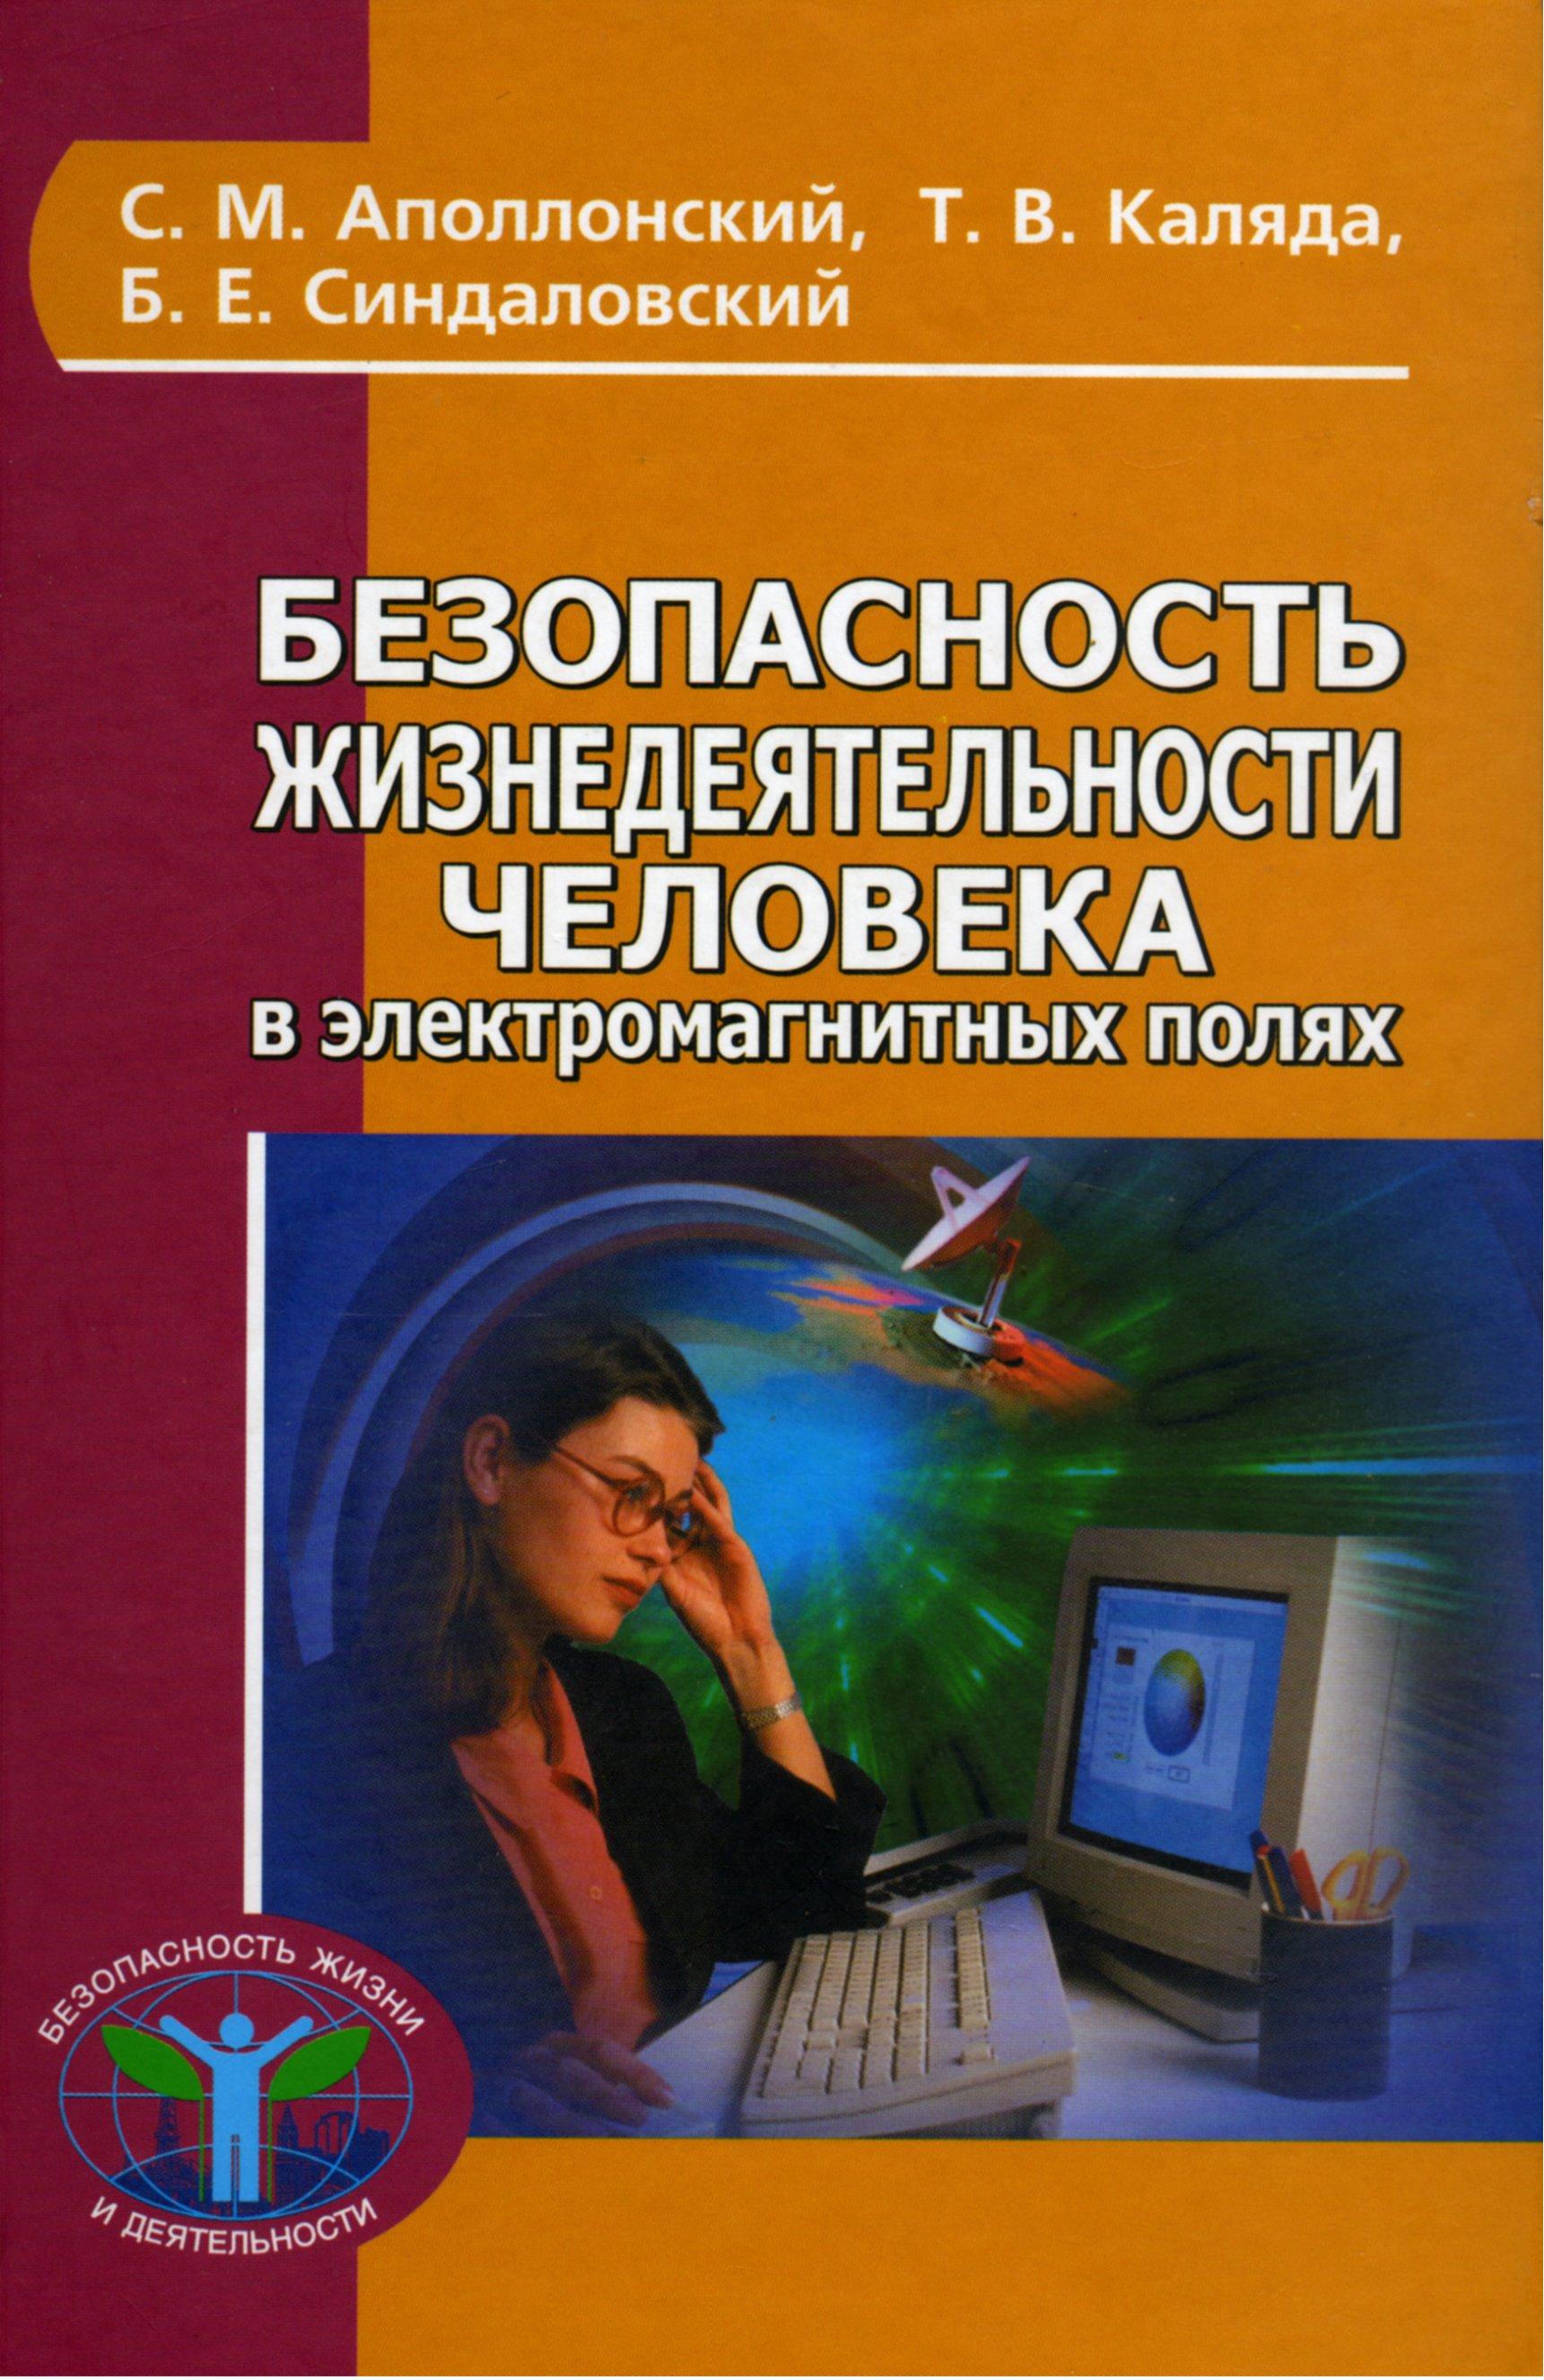 С. М. Аполлонский Безопасность жизнедеятельности человека в электромагнитных полях с м аполлонский моделирование и расчёт электромагнитных полей в технических устройствах том iii